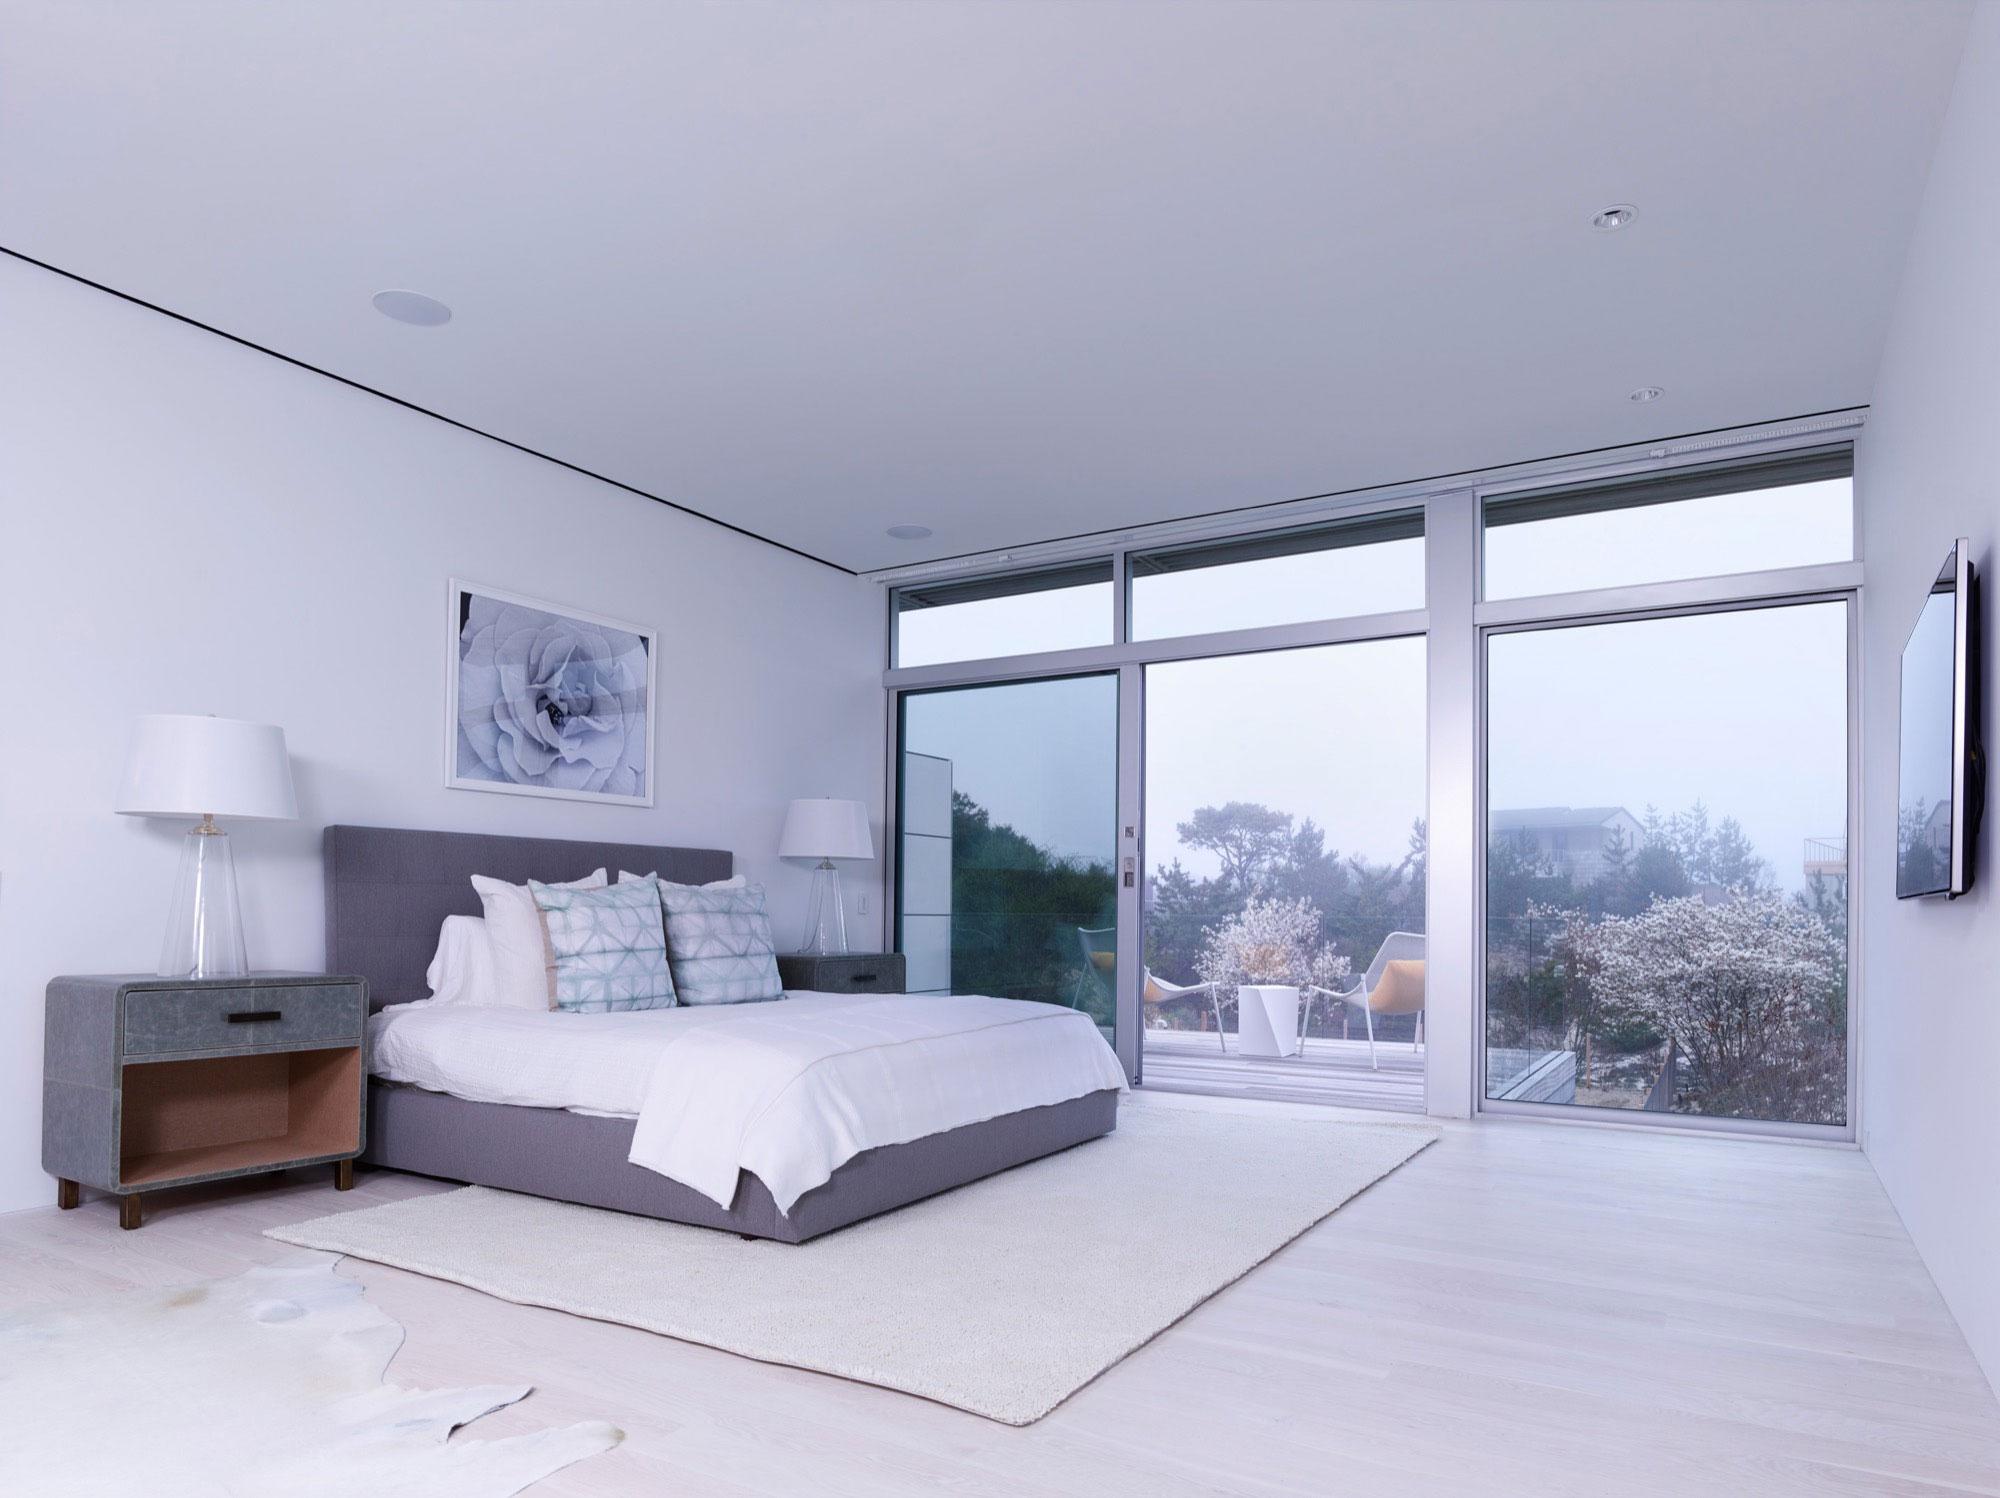 Дом в дюнах с видом на океан, США